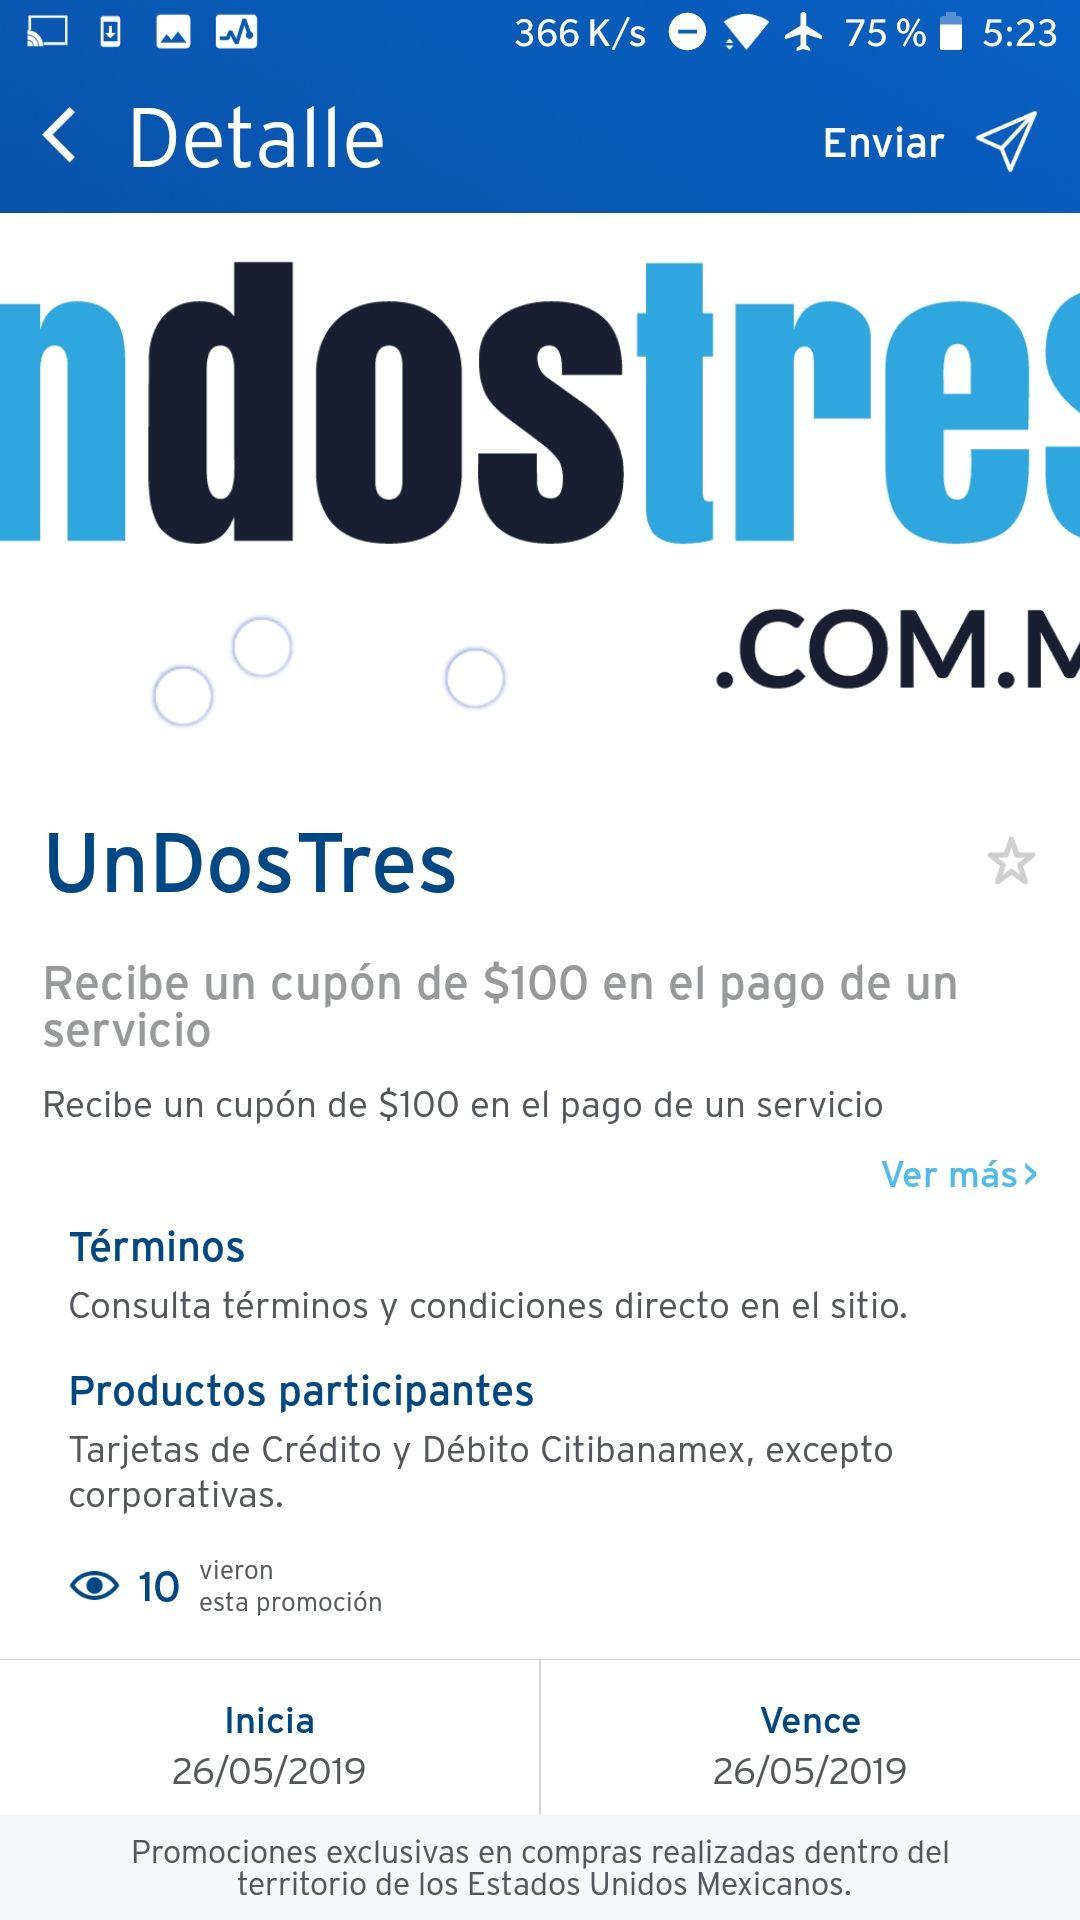 Undostres: Recibe un cupón de $100 en la preventa Citibanamex